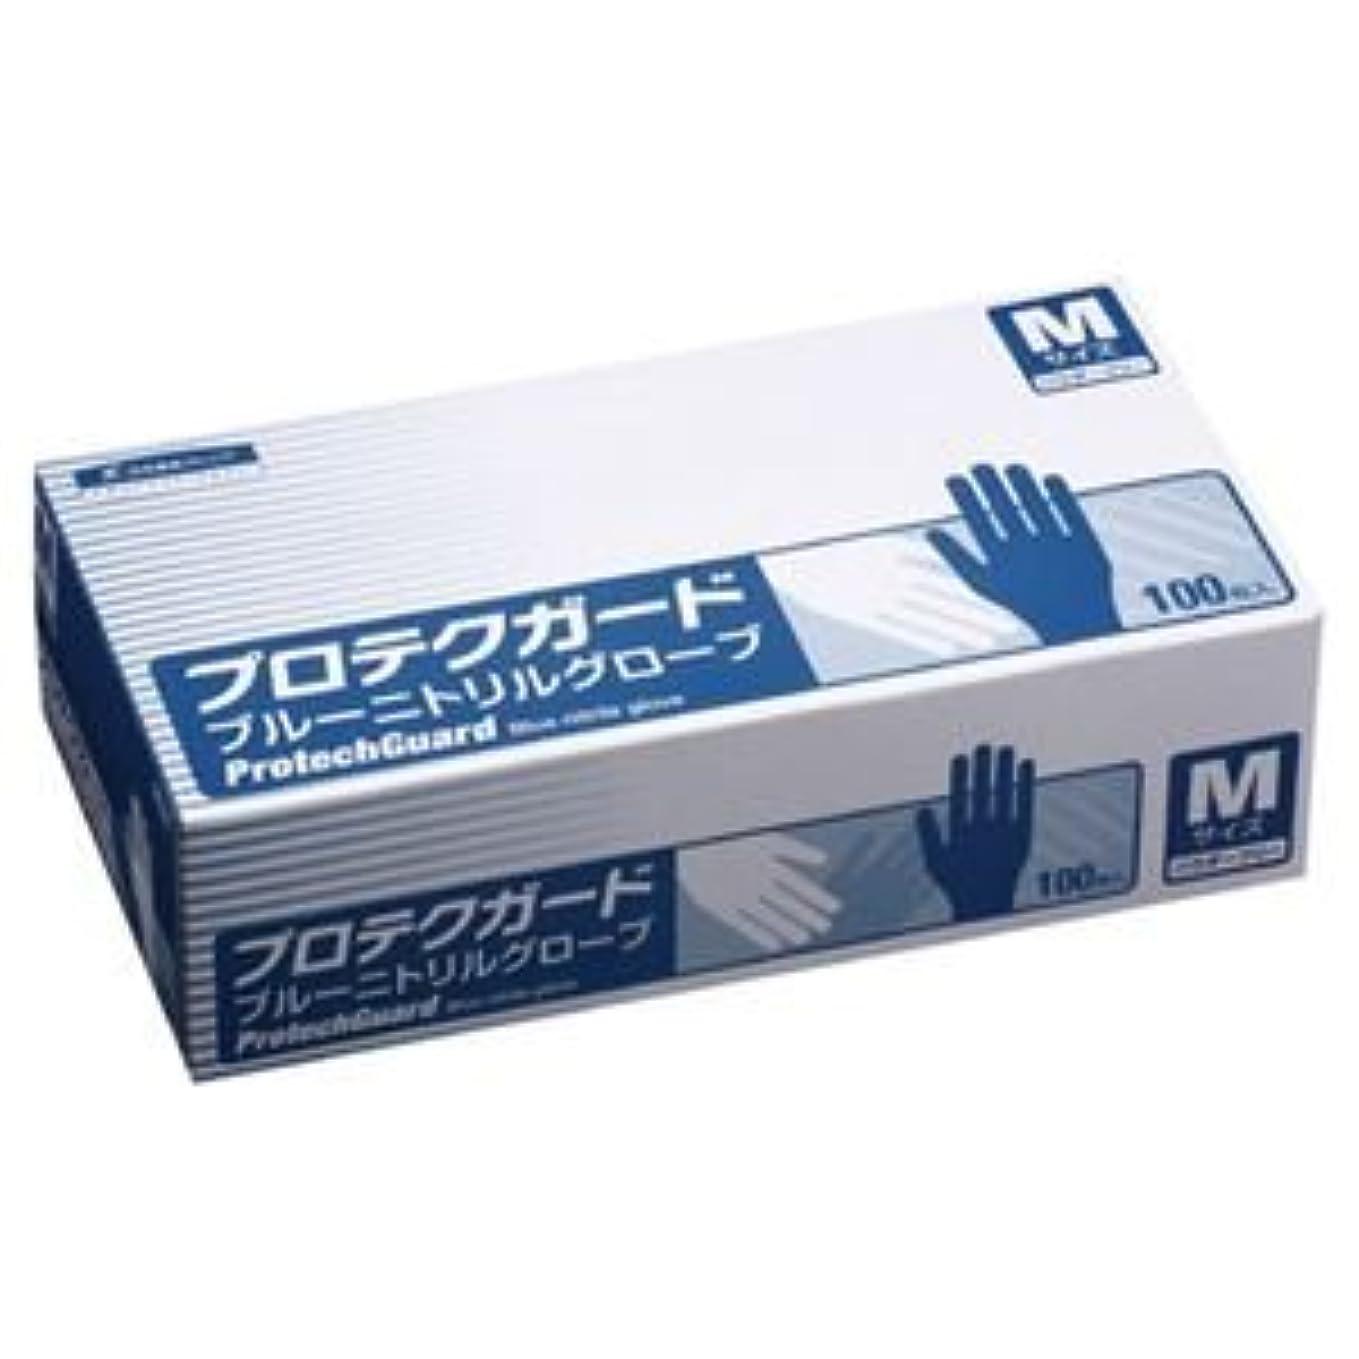 告白する予言するジェームズダイソン(業務用10セット) 日本製紙クレシア プロテクガード ニトリルグローブ青M100枚